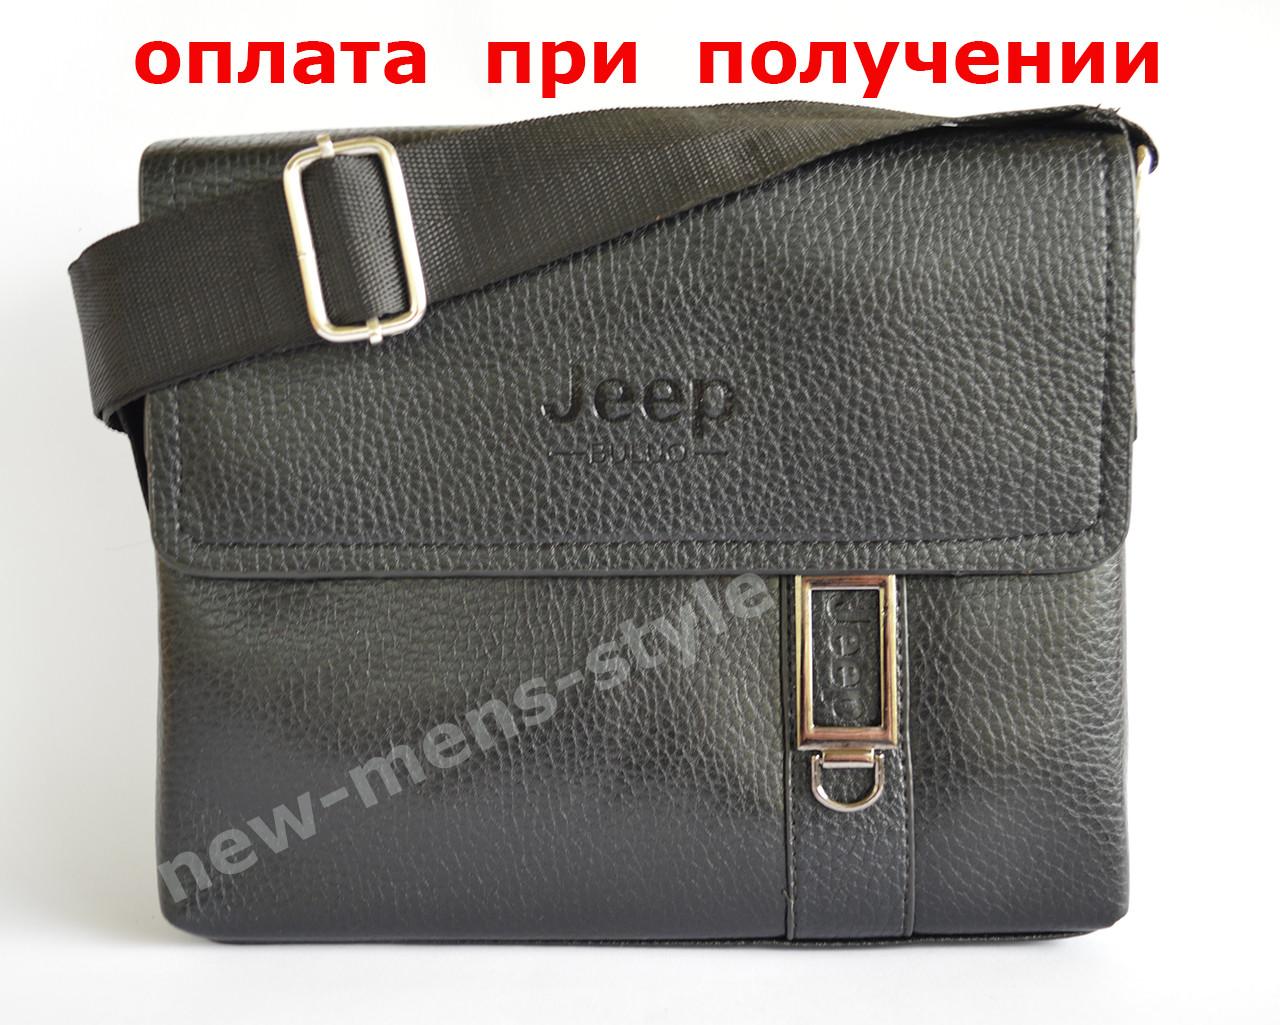 Чоловіча шкіряна фірмова сумка барсетка Jeep Polo класика купити